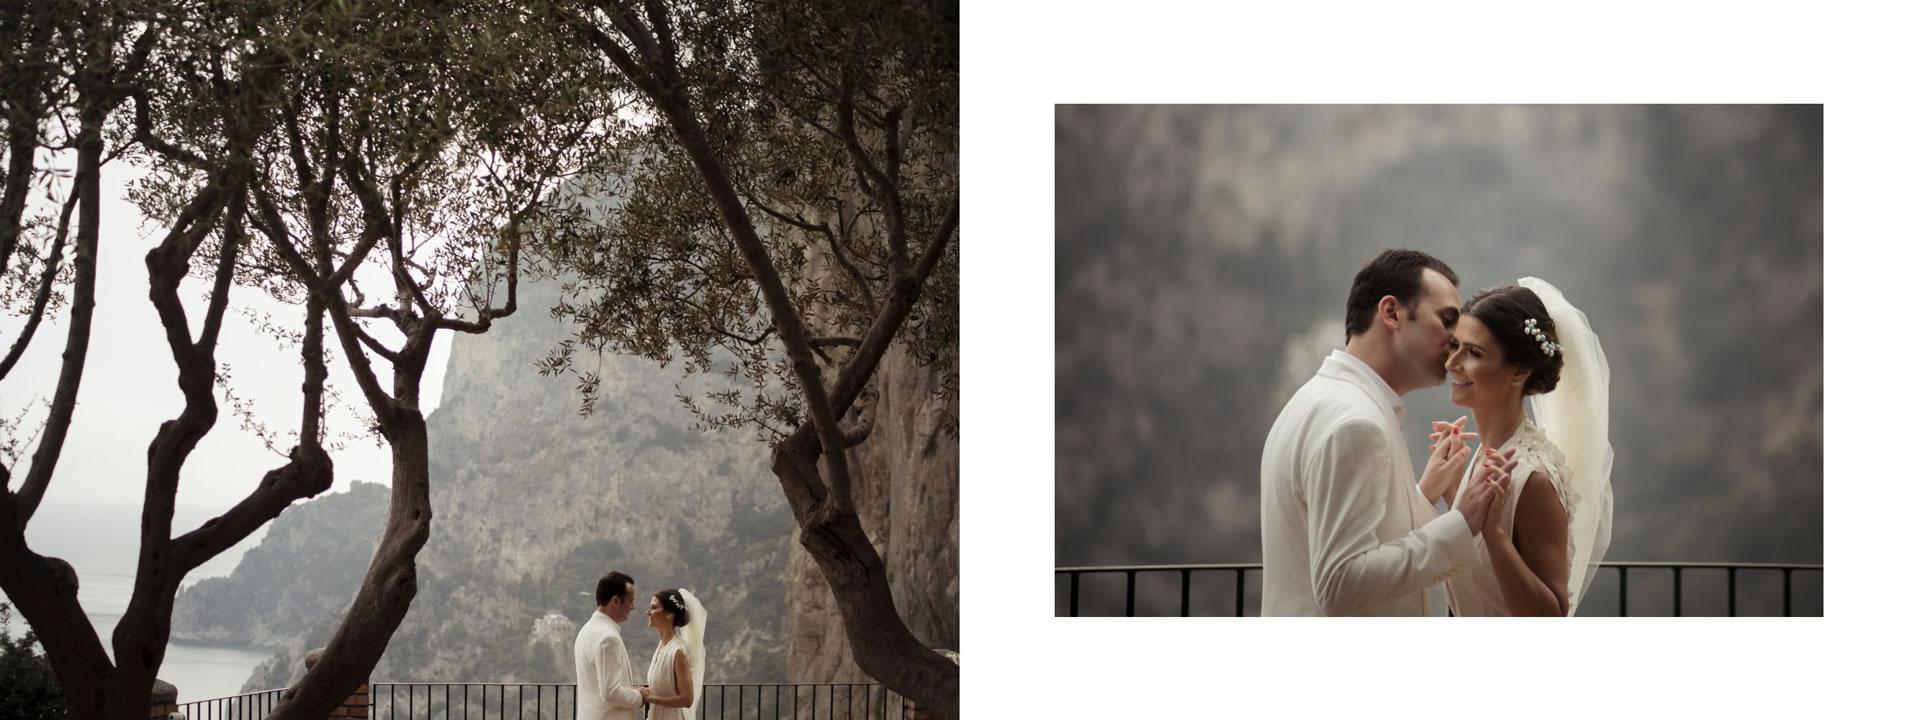 - 43 :: Jewish luxury wedding weekend in Capri :: Luxury wedding photography - 42 ::  - 43